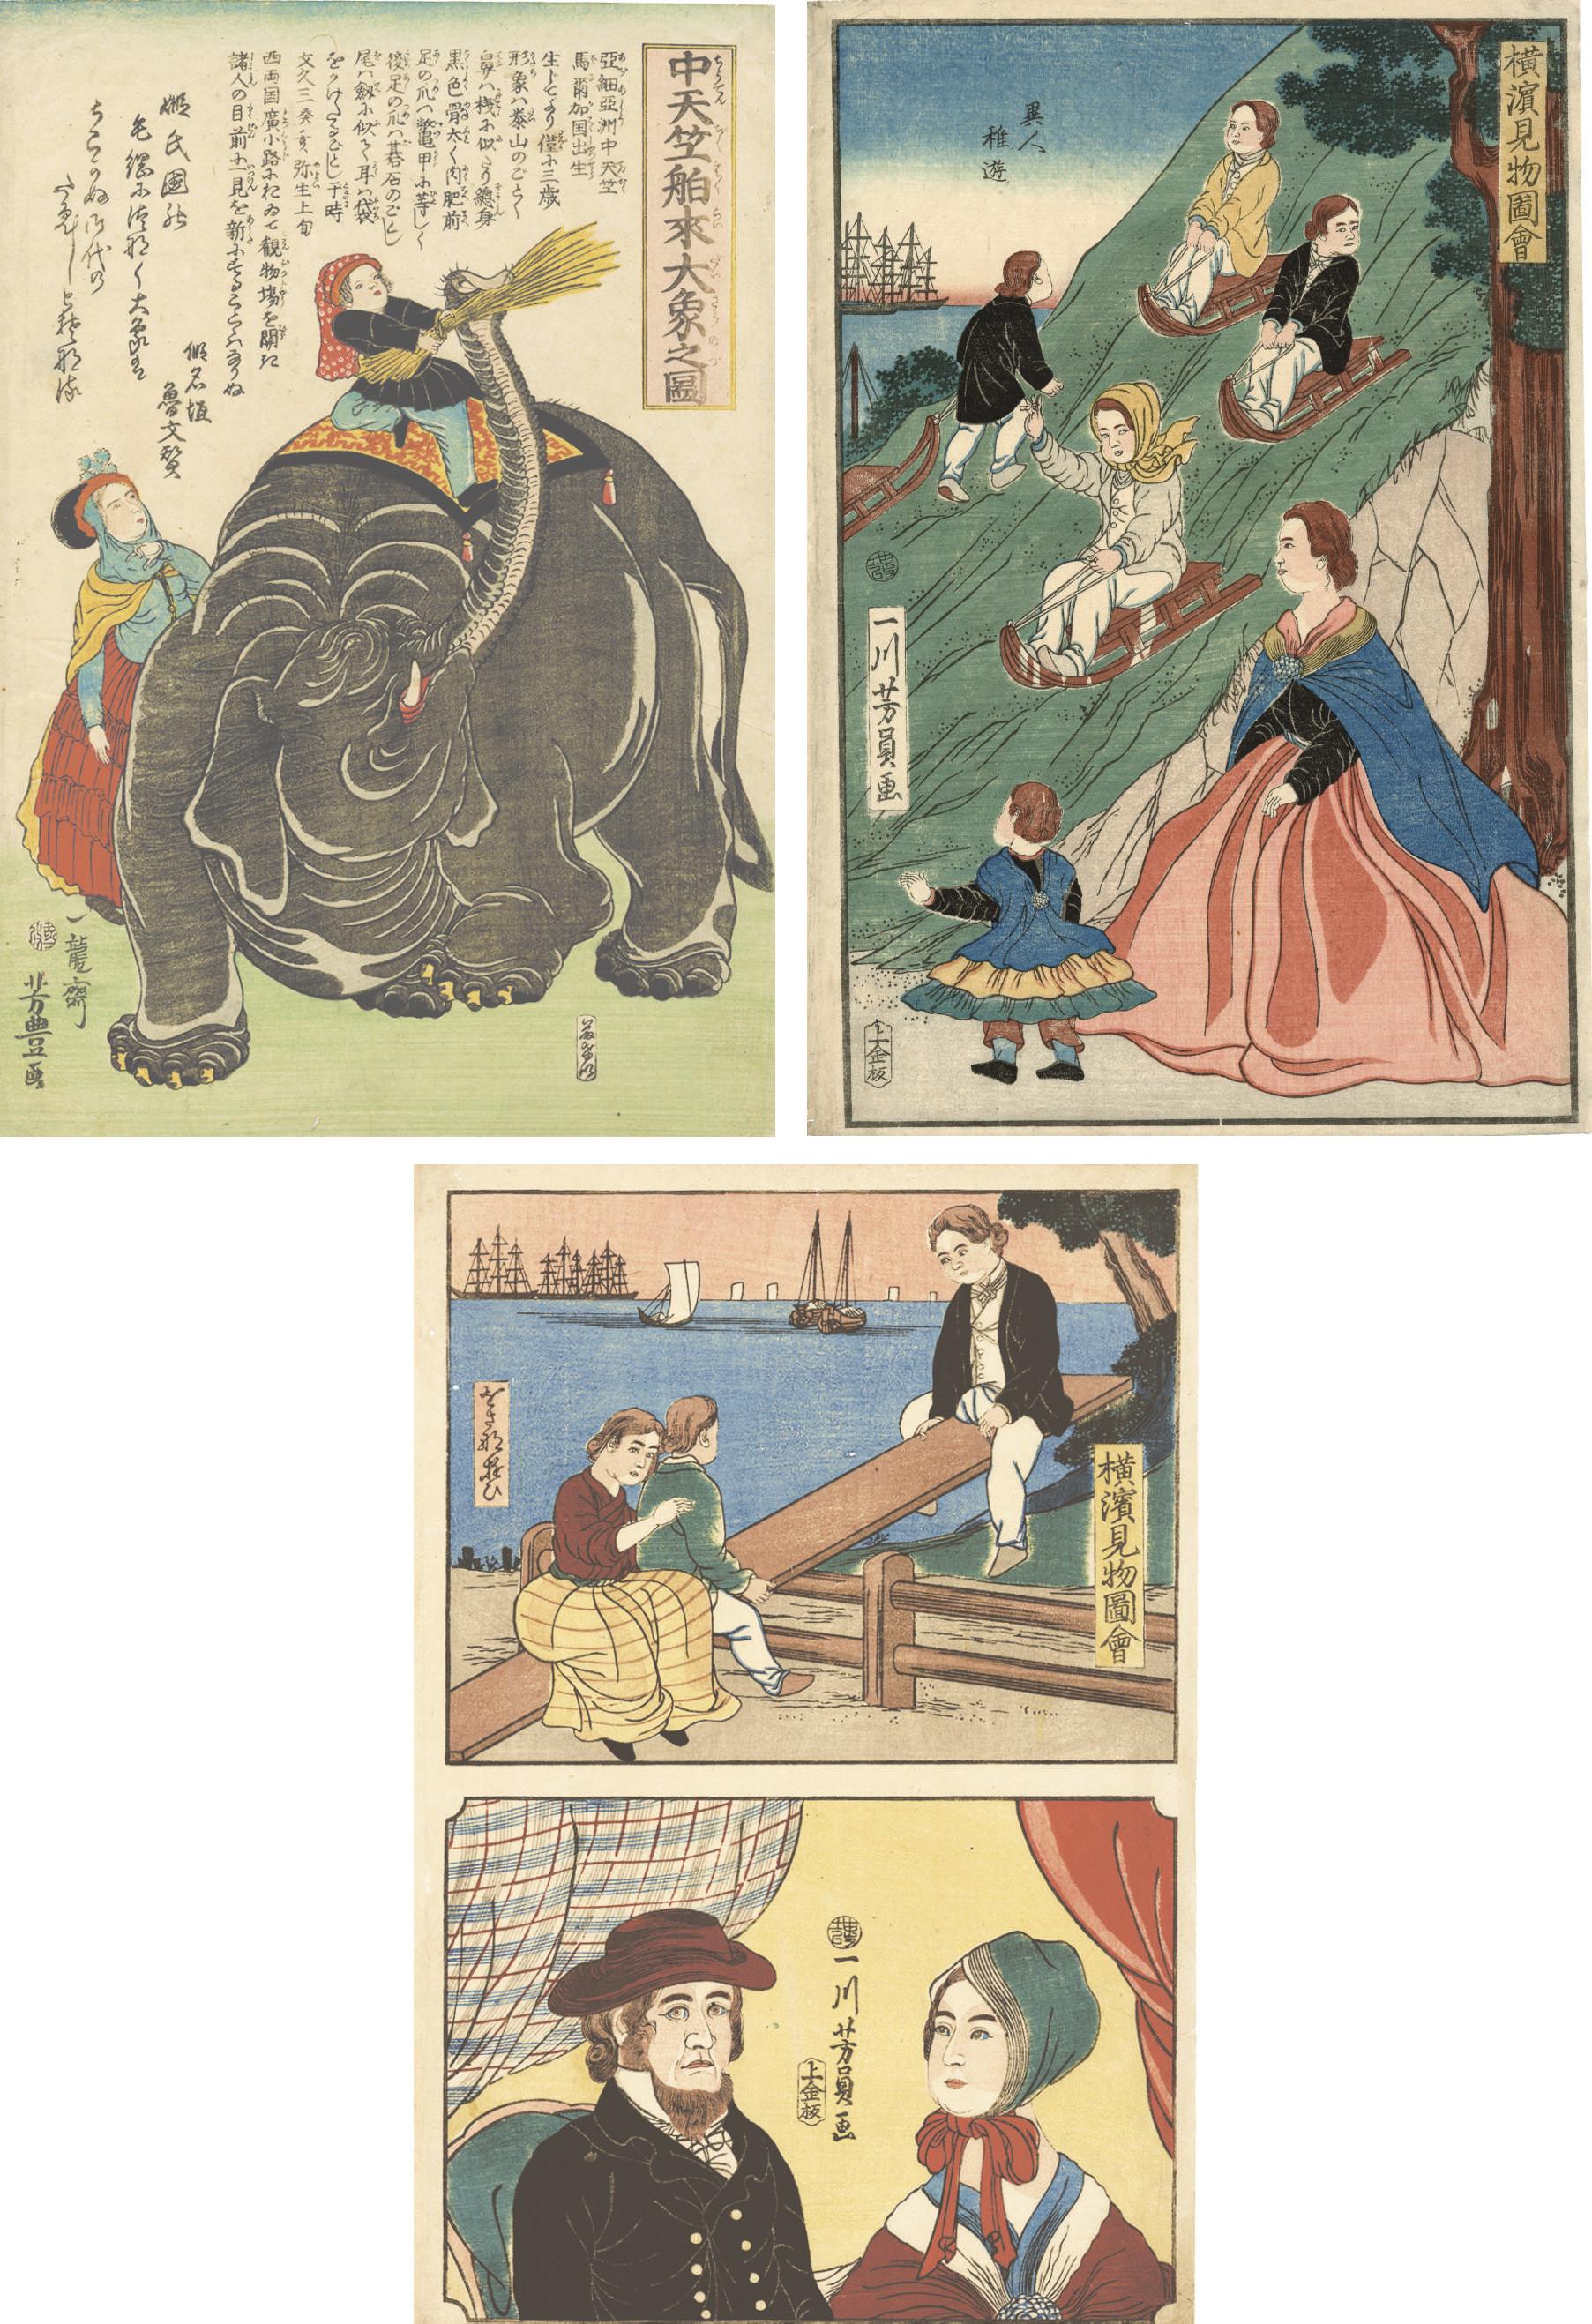 Ichiryusai Yoshitoyo (1830-186